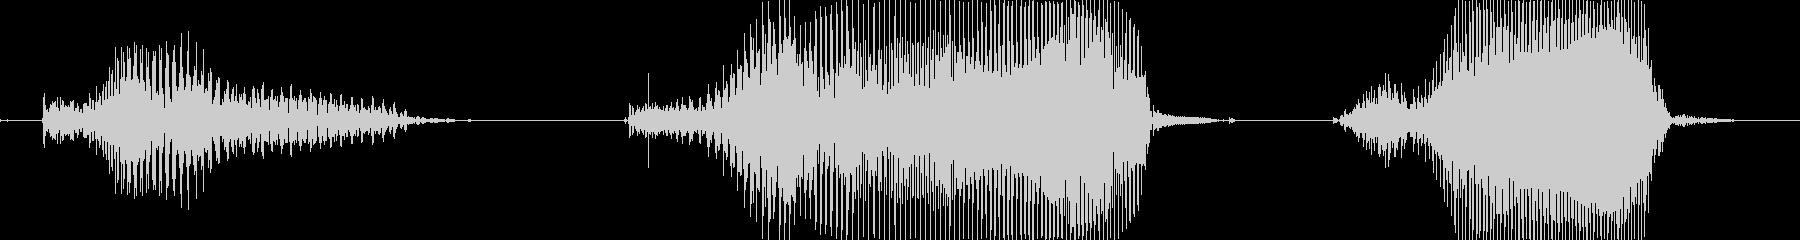 激アツ!の未再生の波形